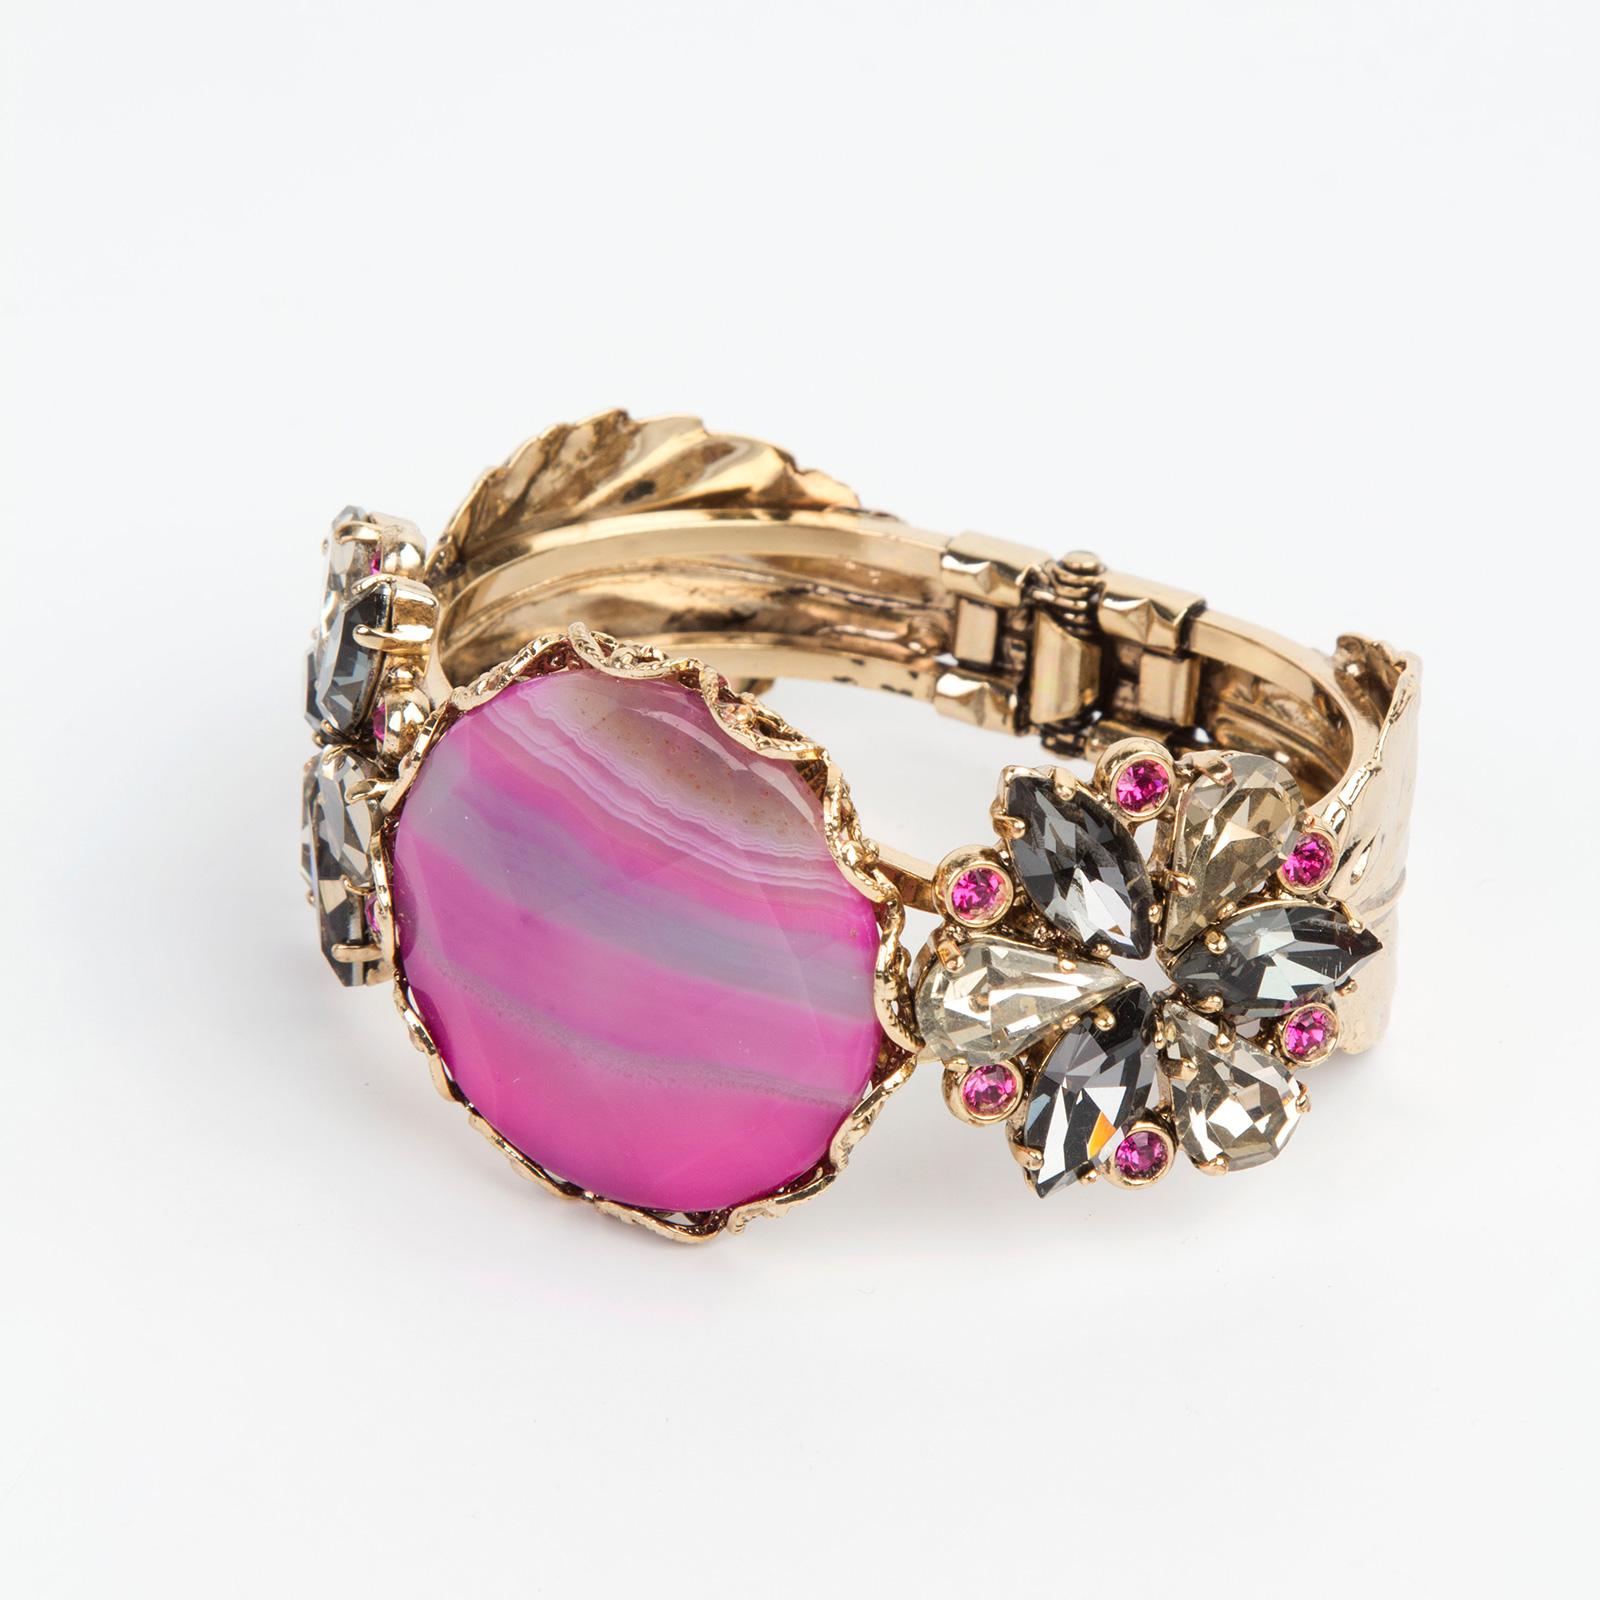 Браслет «Элигия» купить браслет пандора в интернет магазине оригинал